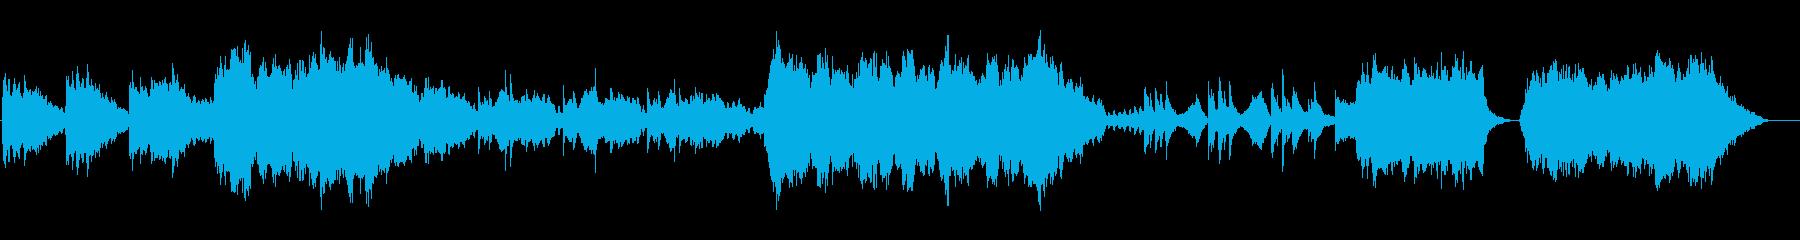 【オーケストラ】ノスタルジック_しんみりの再生済みの波形